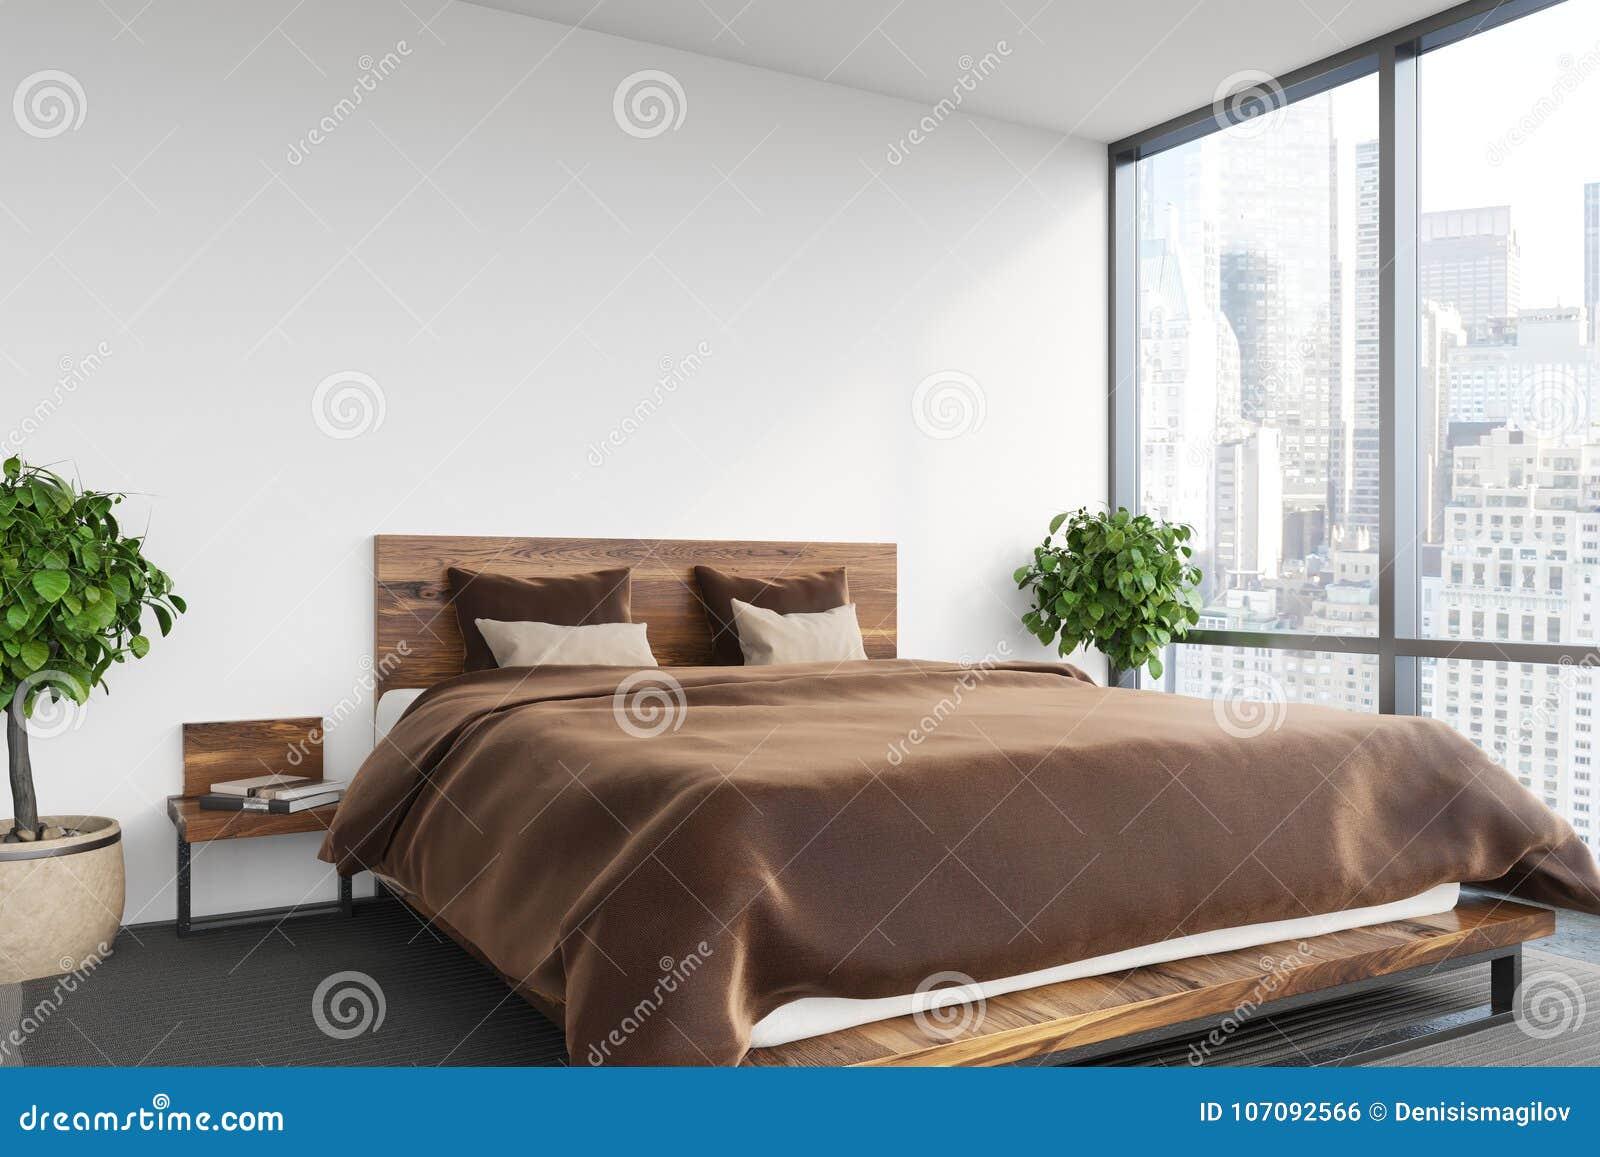 Chambre à Coucher Blanche, Lit Brun Illustration Stock ...